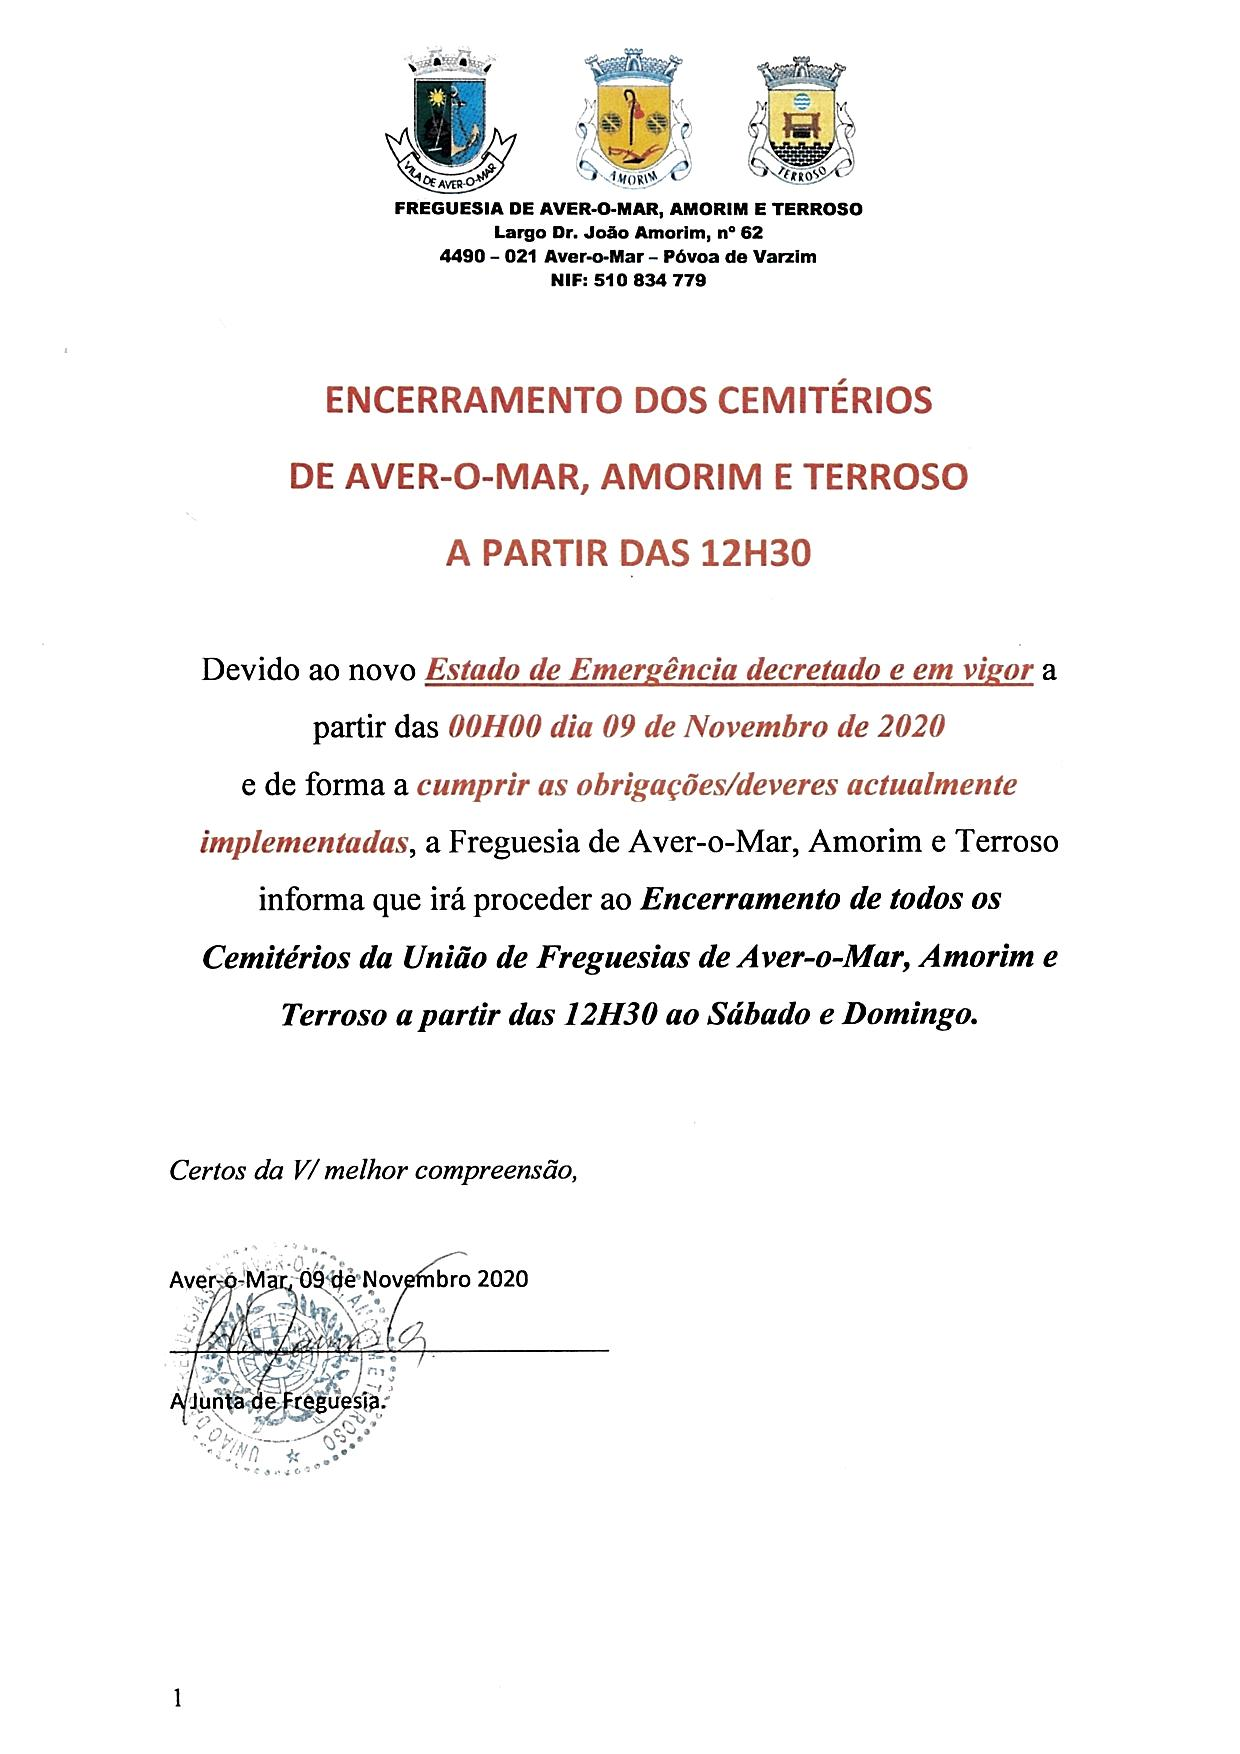 ENCERRAMENTO DOS CEMITÉRIOS DE AVER-O-MAR, AMORIM E TERROSO AO SÁBADO E DOMINGO A PARTIR DAS 12H30